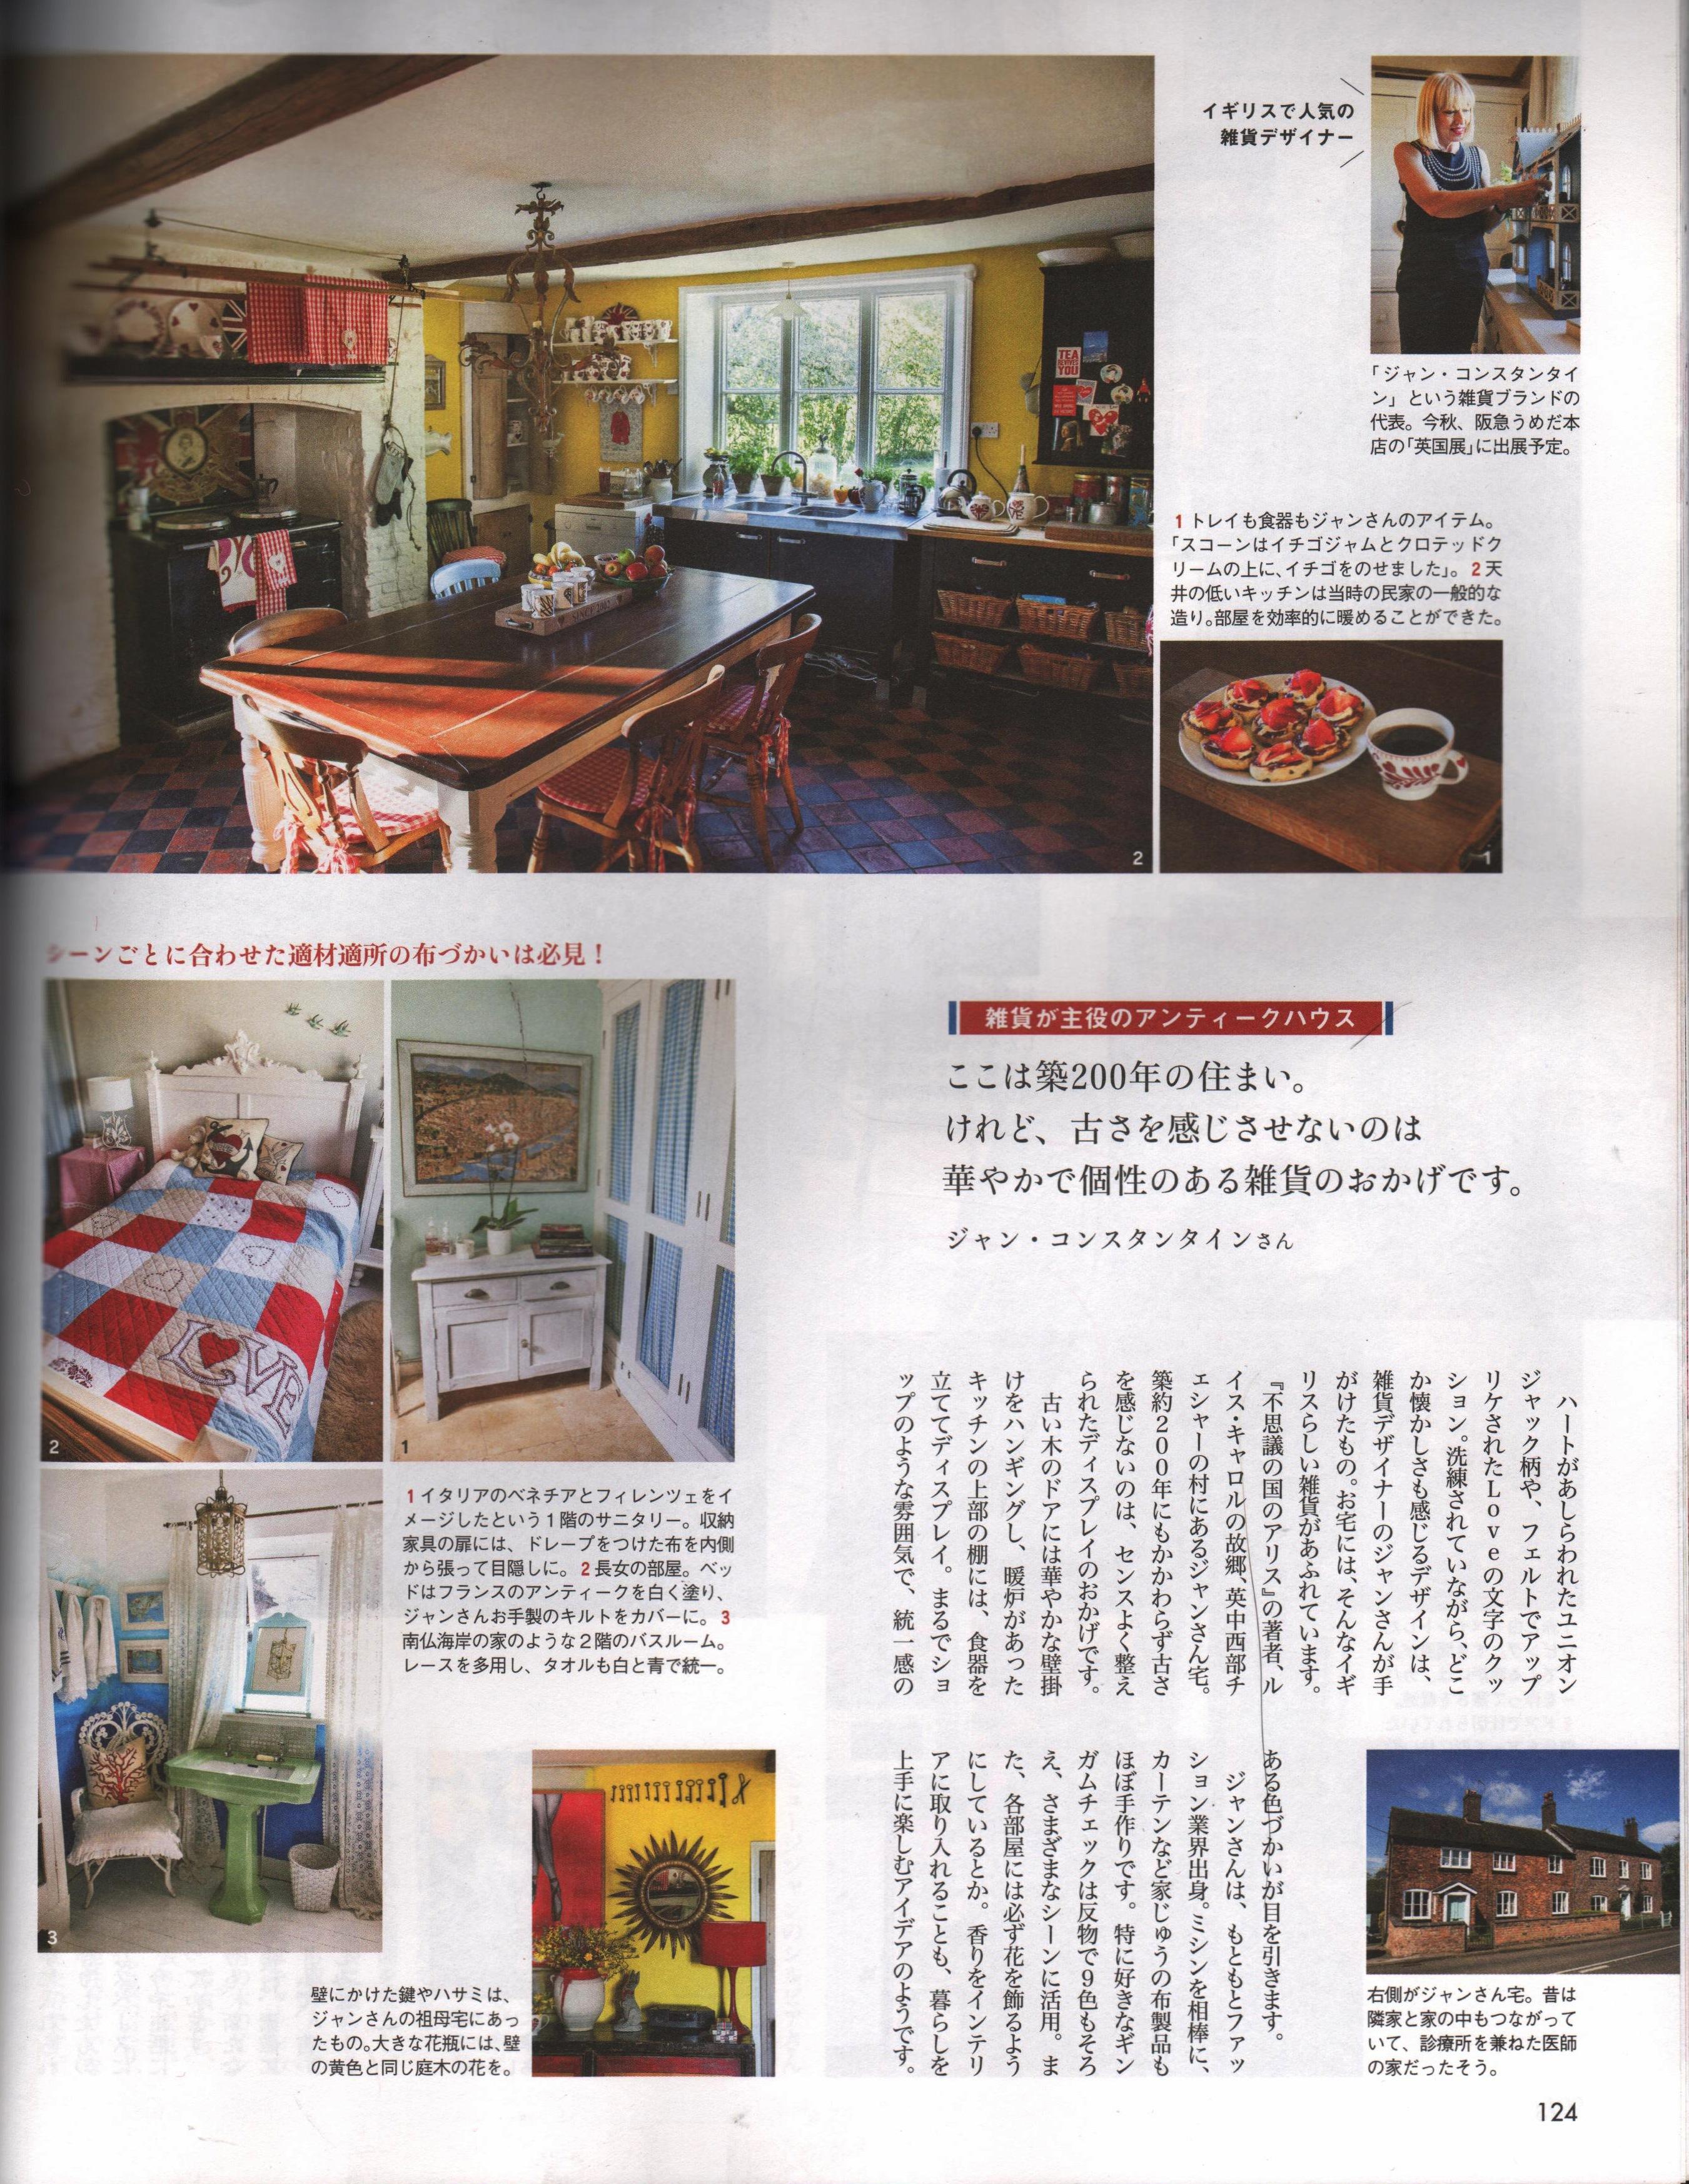 watashi-no-country-summer-2015-page-124-.jpg